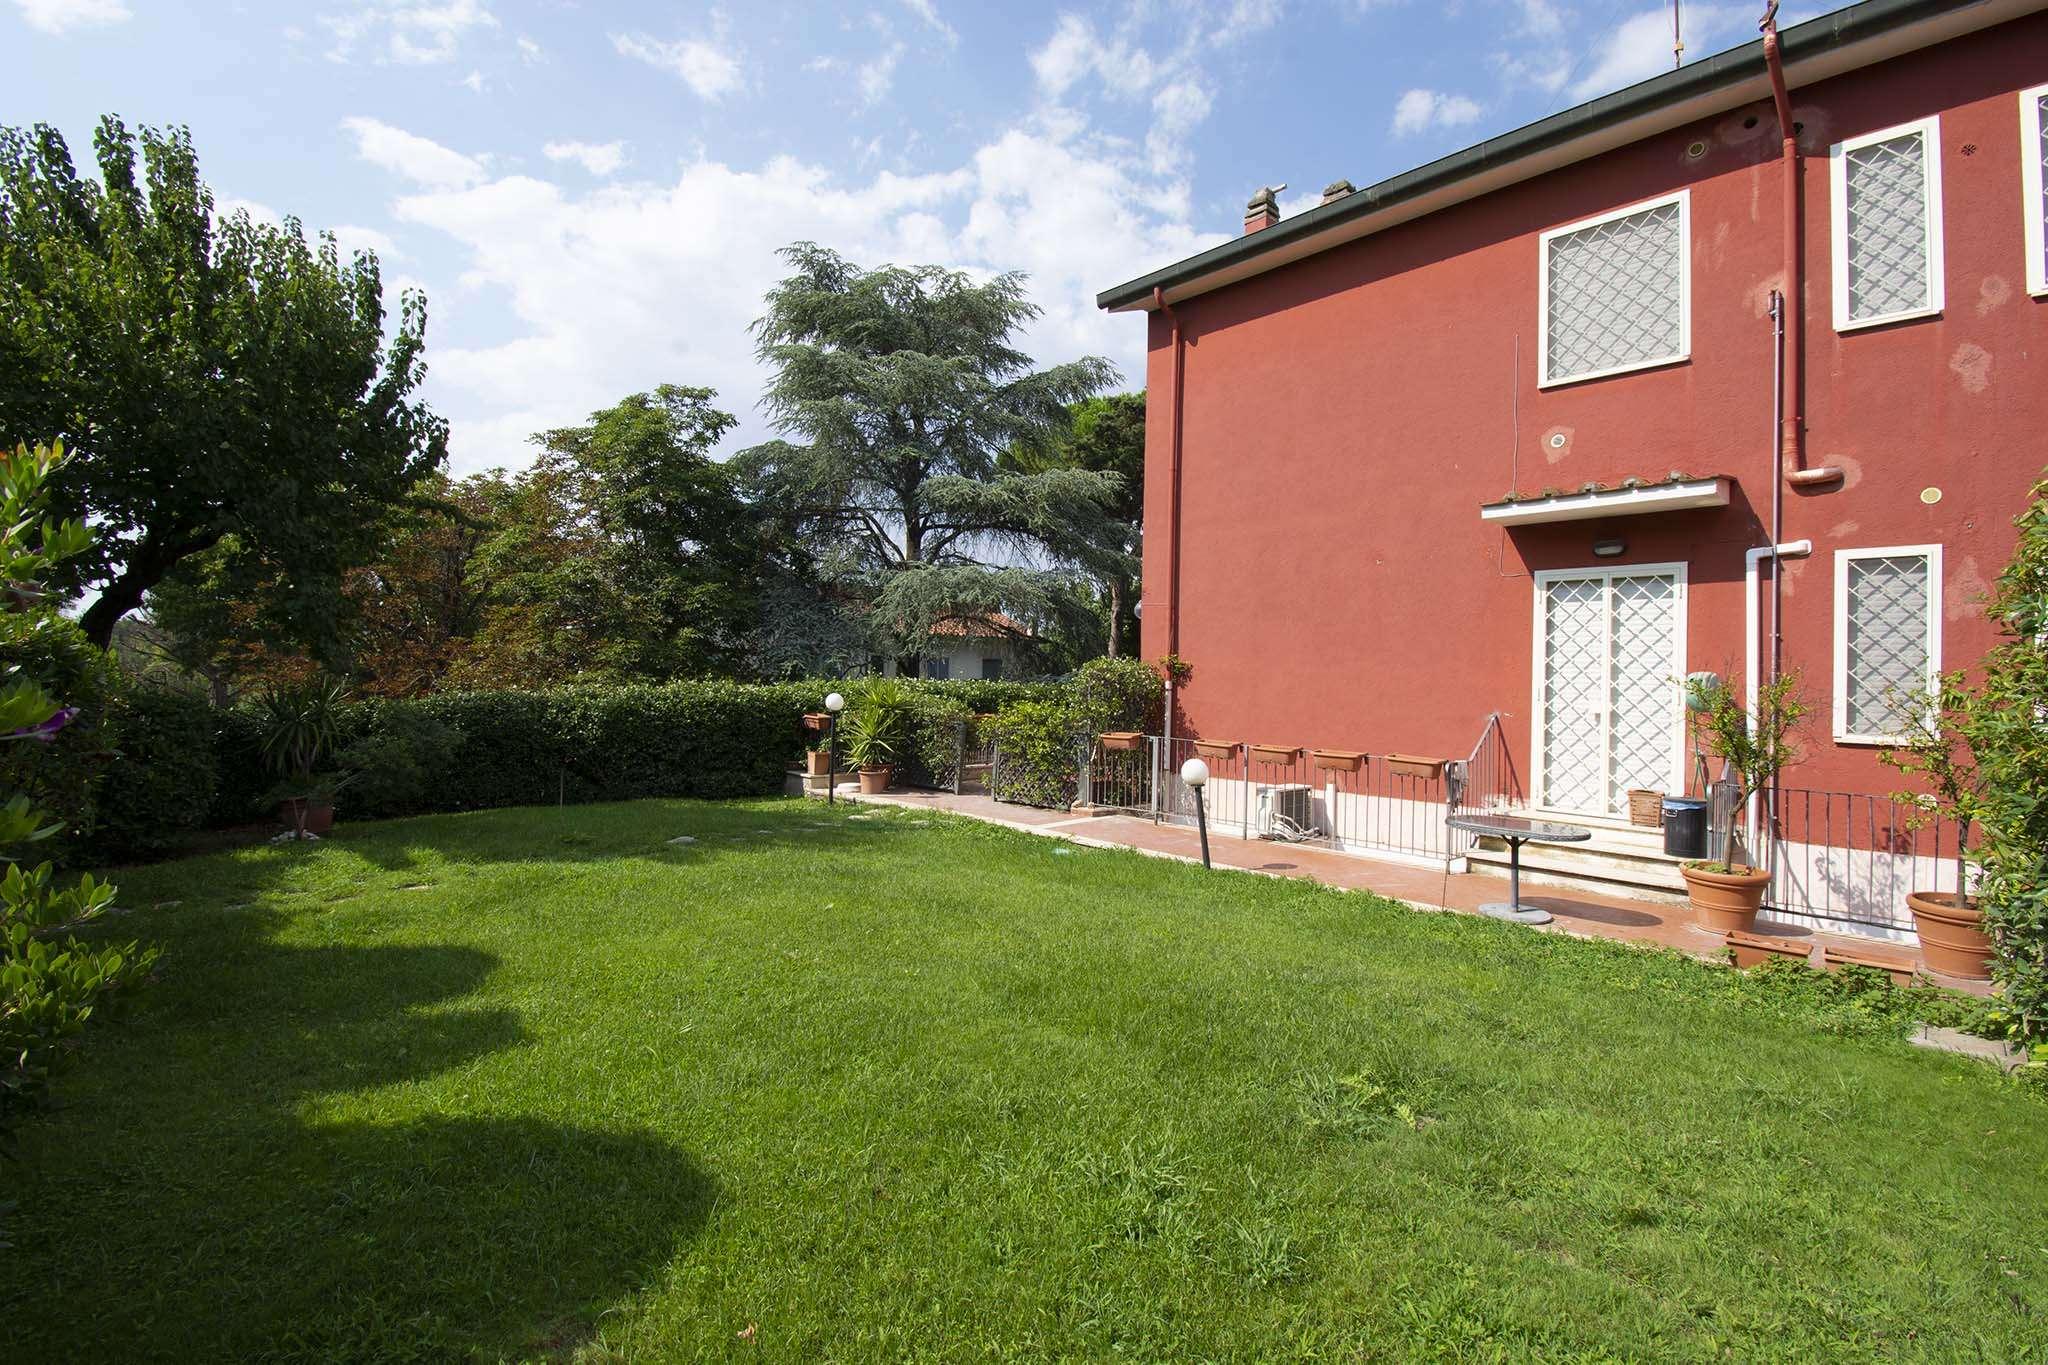 Villa tri quadrifamiliare roma affitto zona 22 for Affitto uffici zona eur